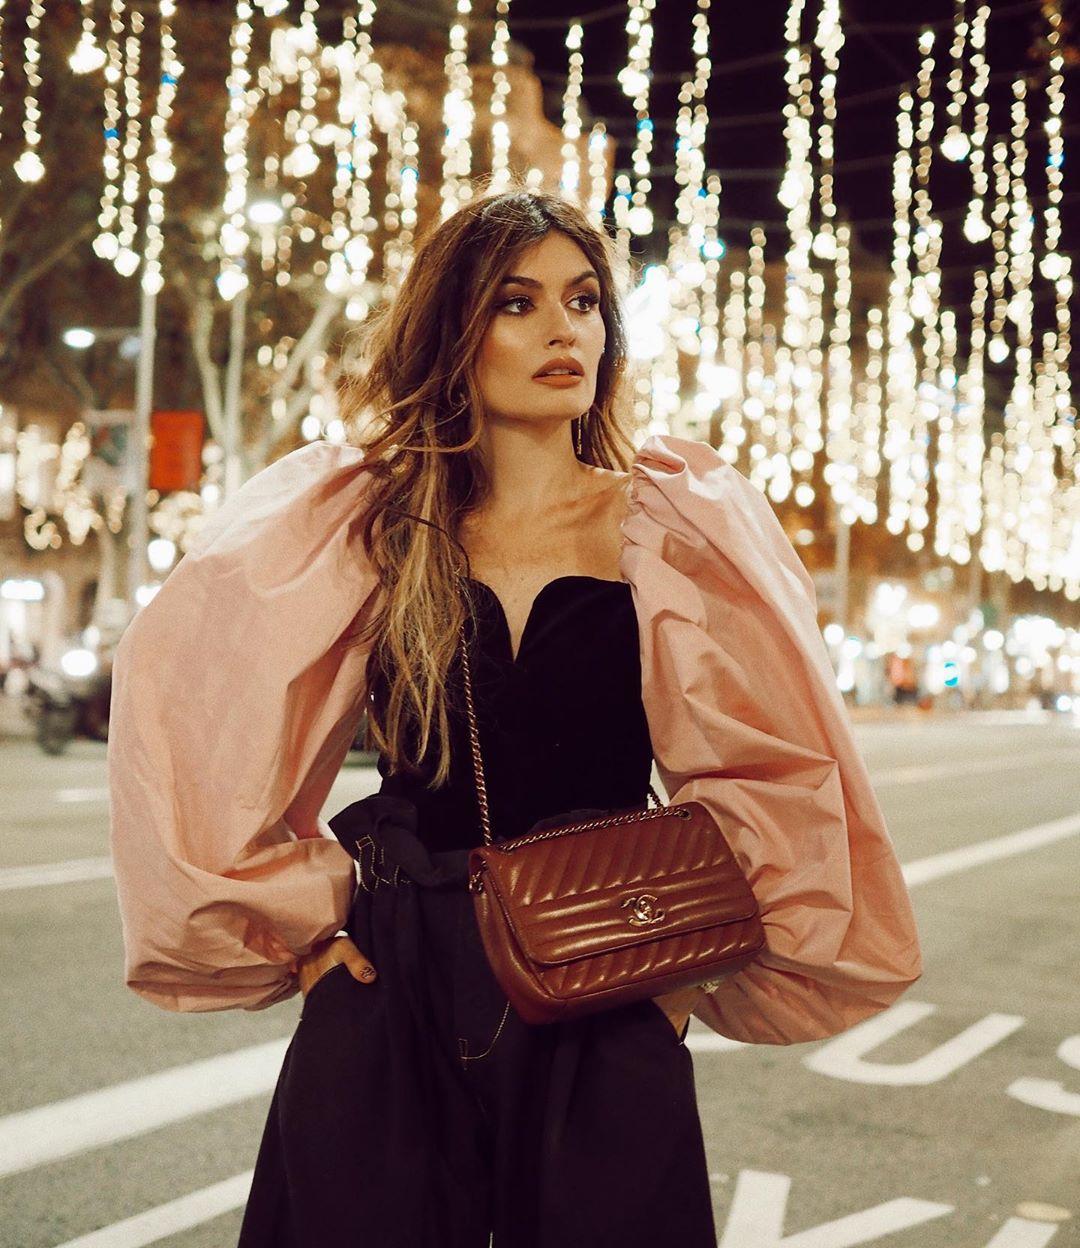 Este es el top viral de Zara que vas a llevar estas navidades